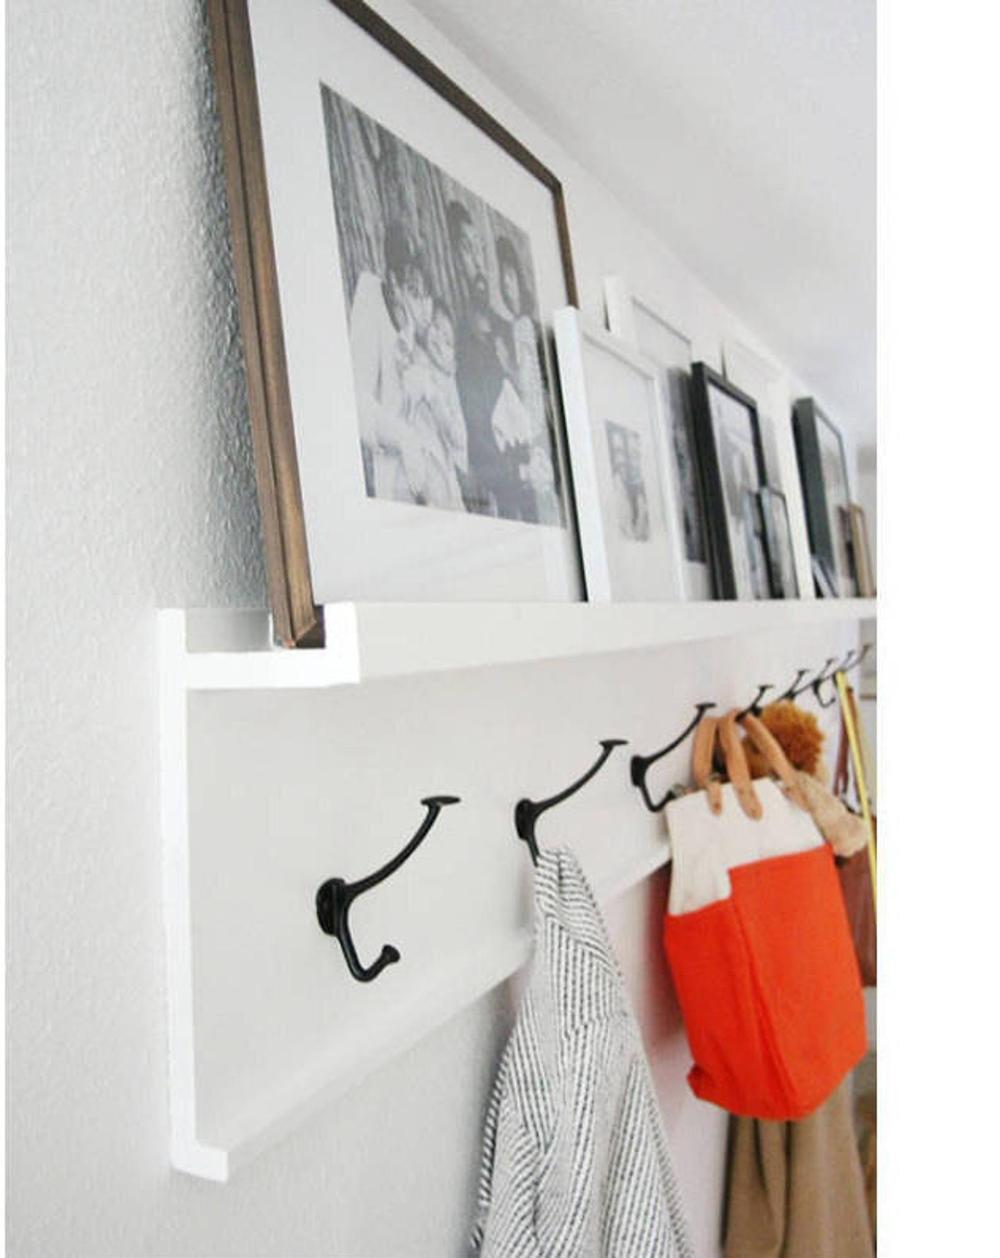 12 To 36 Inch Coat Rack Floating Shelf Coat Hook Rustic Coat Rack Wall Shelf Coat Hooks Floating Shelves Entryway Organizer Coat Rack Towel Coat Rack Wall Rustic Coat Rack Coat Rack Shelf